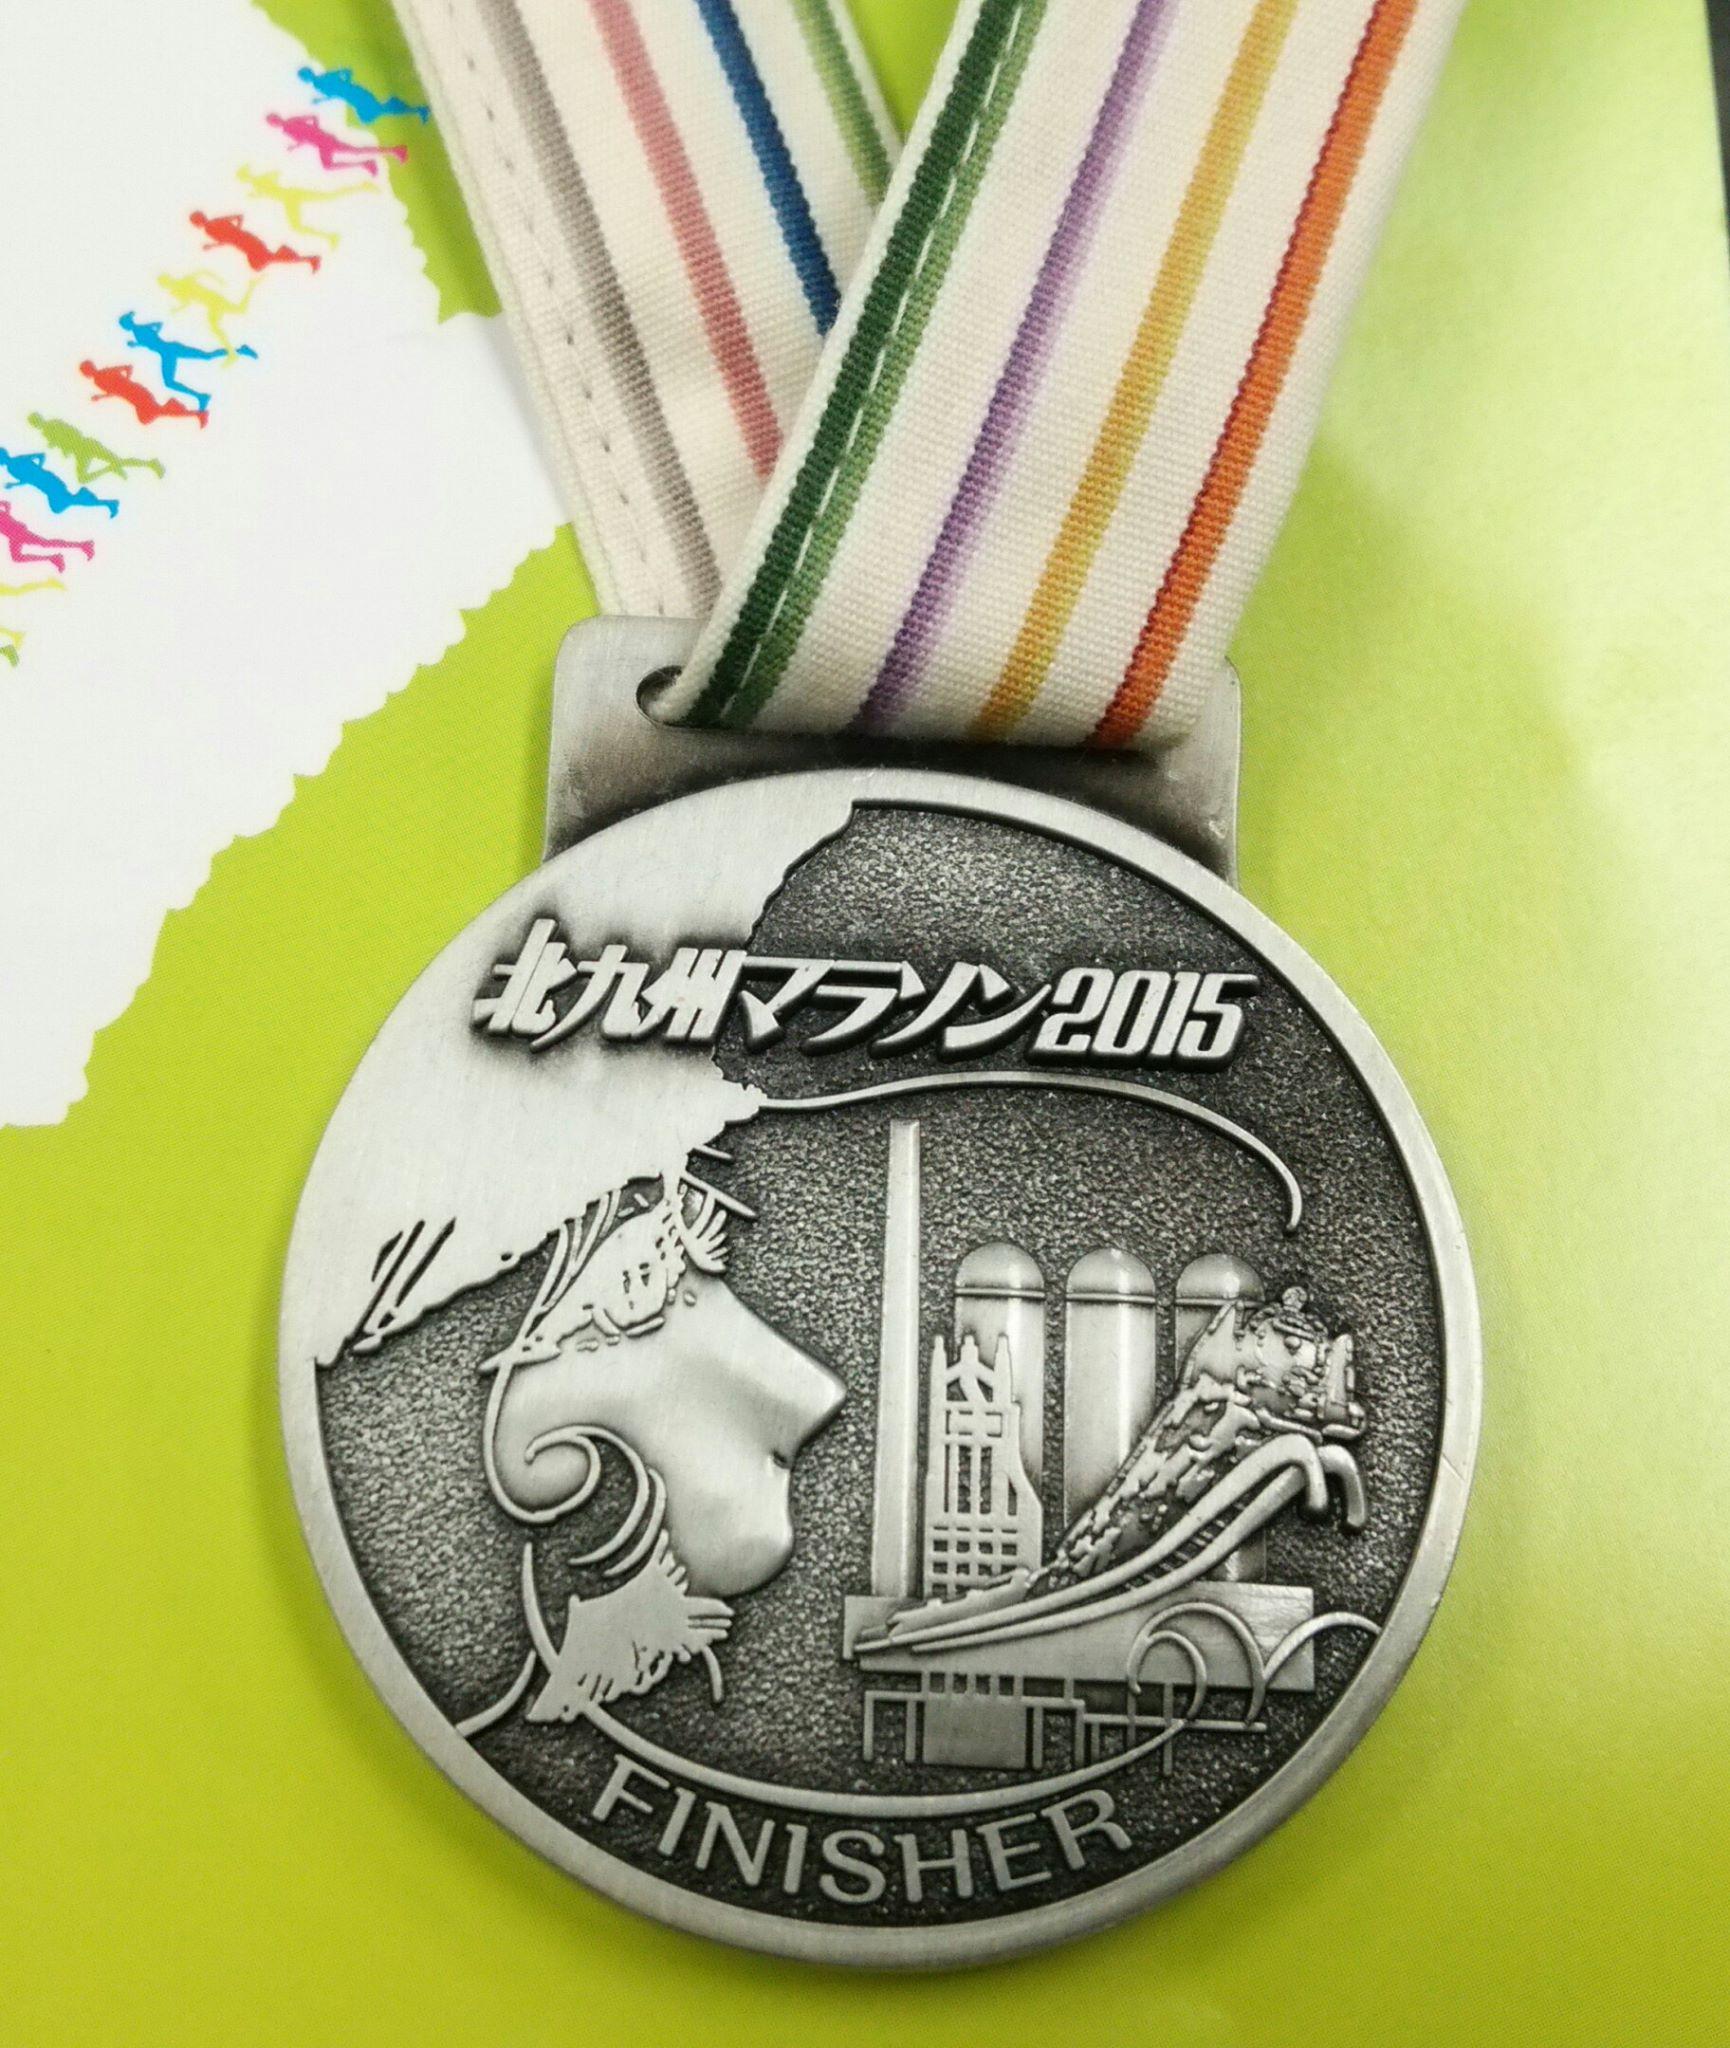 松本先生×小倉織のコラボメダル。 メーテルと東田第一高炉の図柄